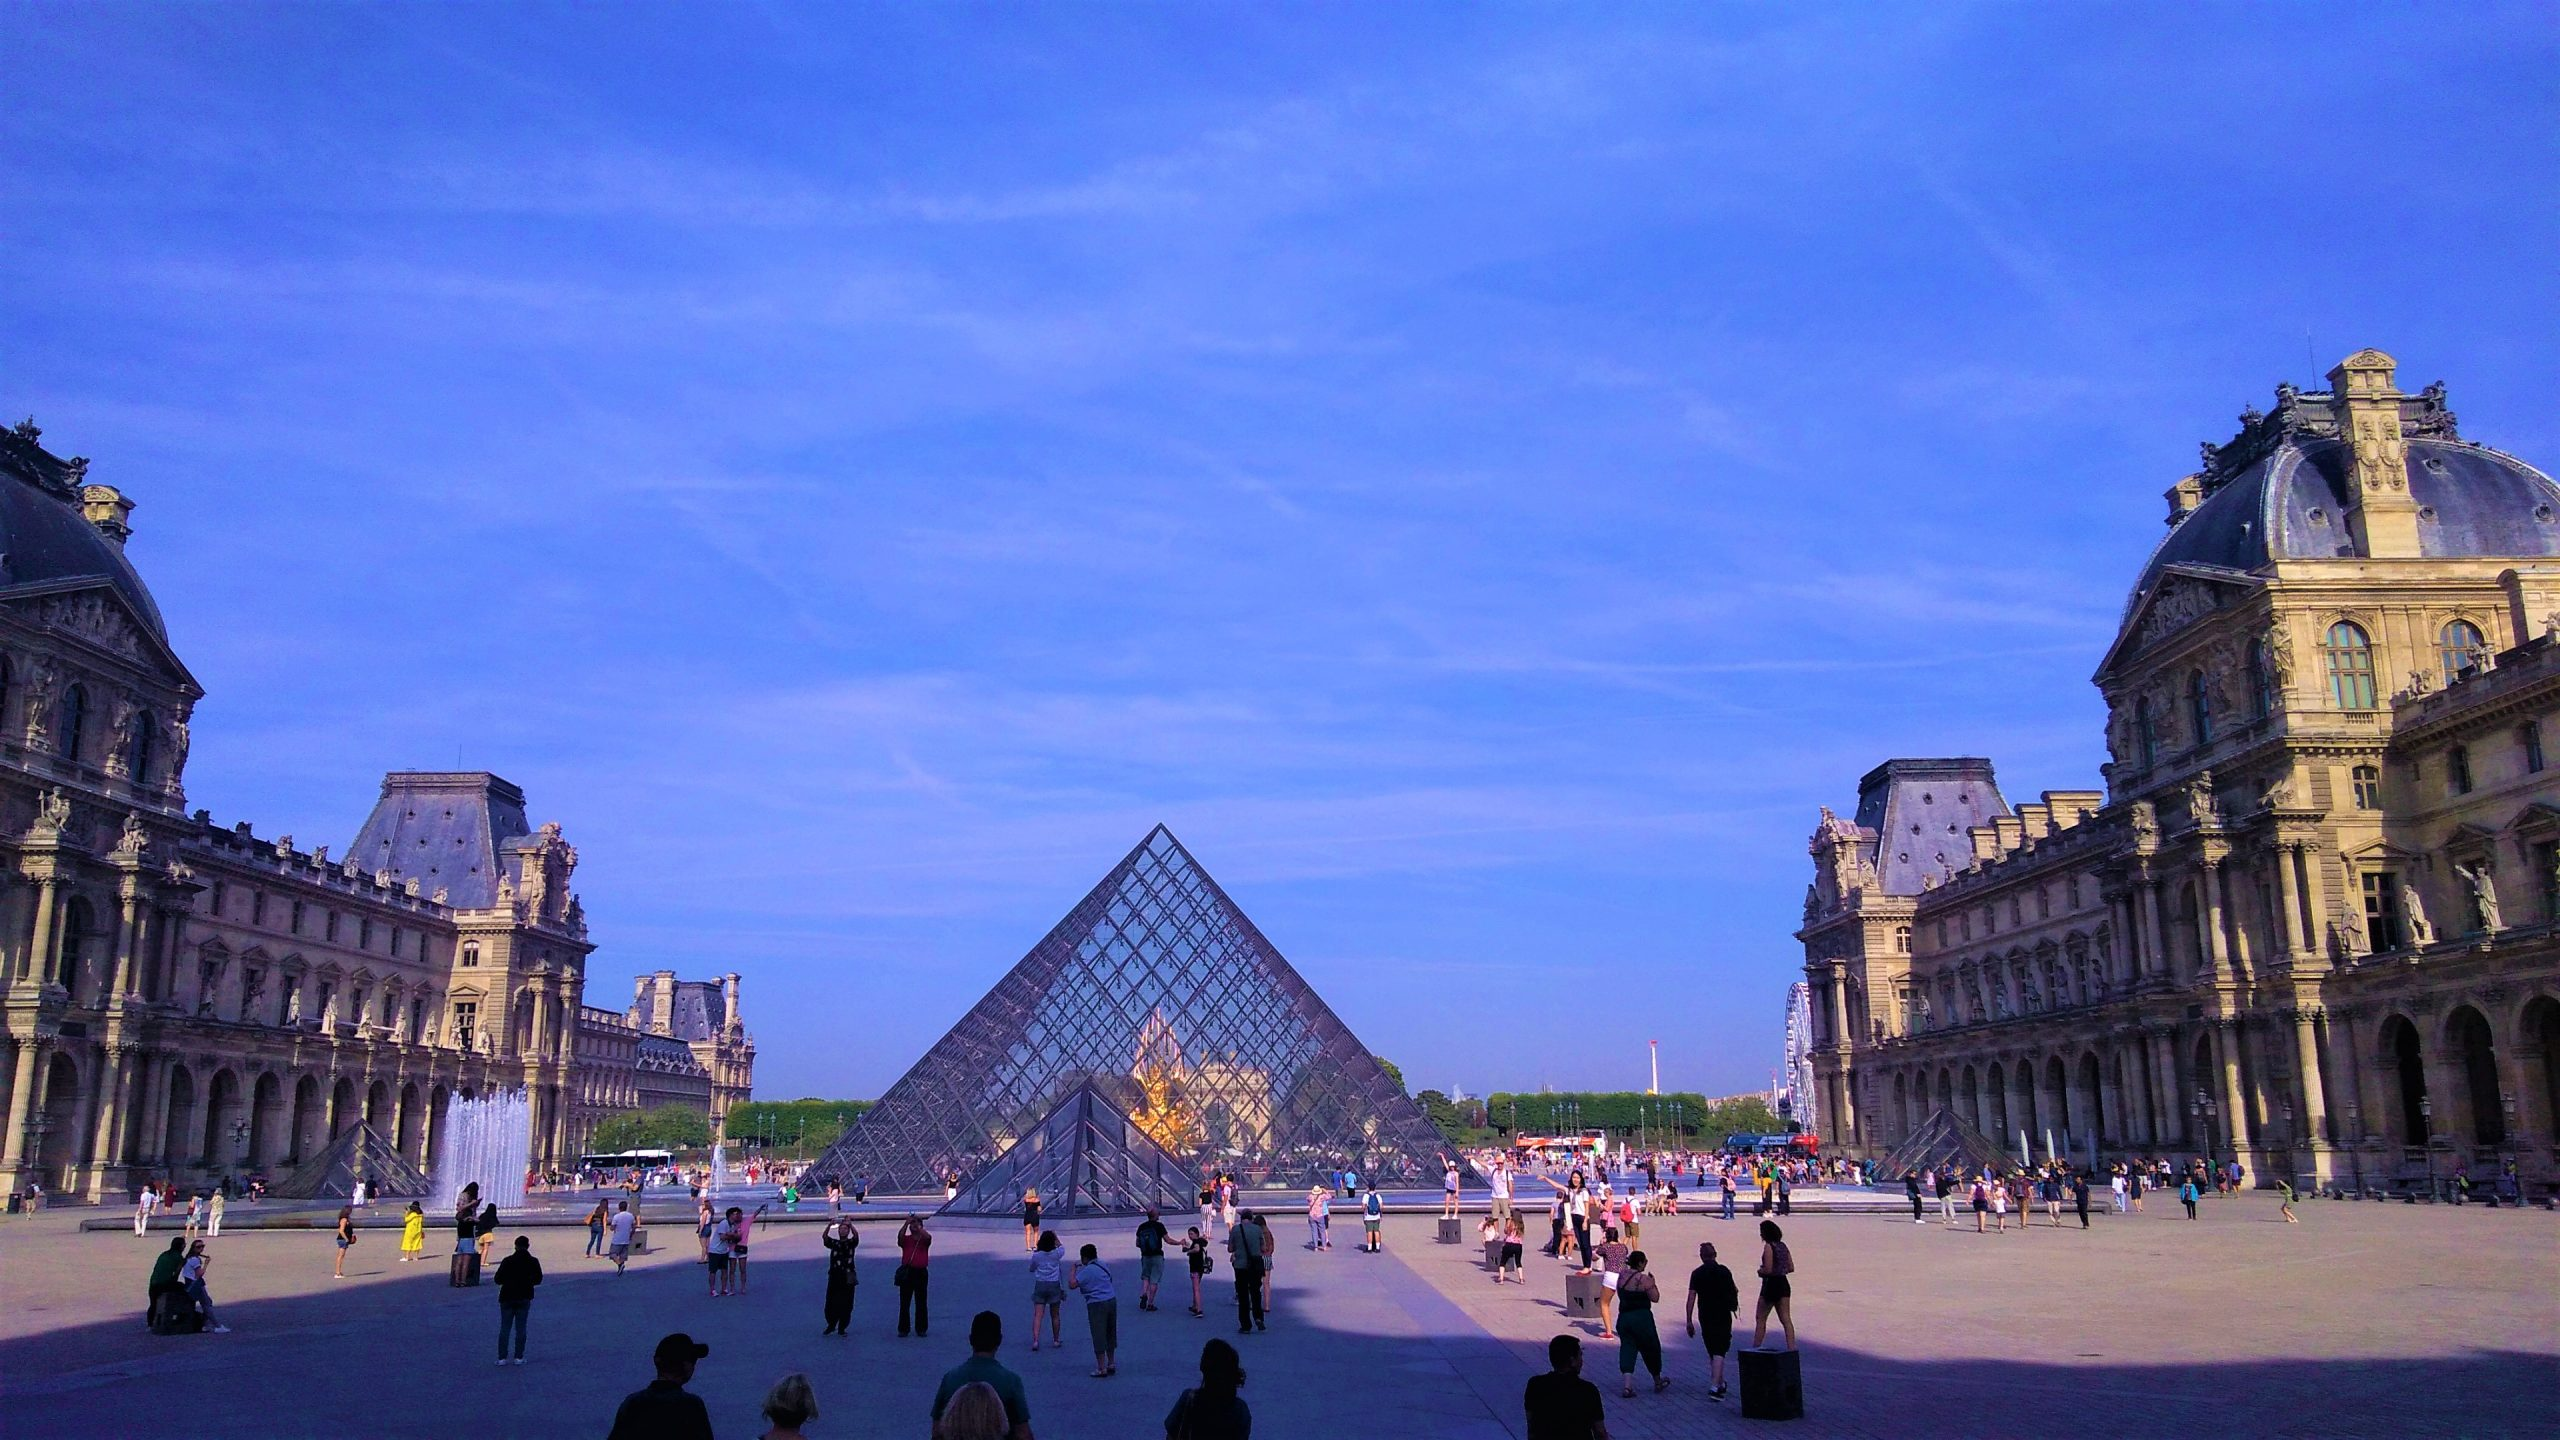 Piramide del Louvre a Parigi